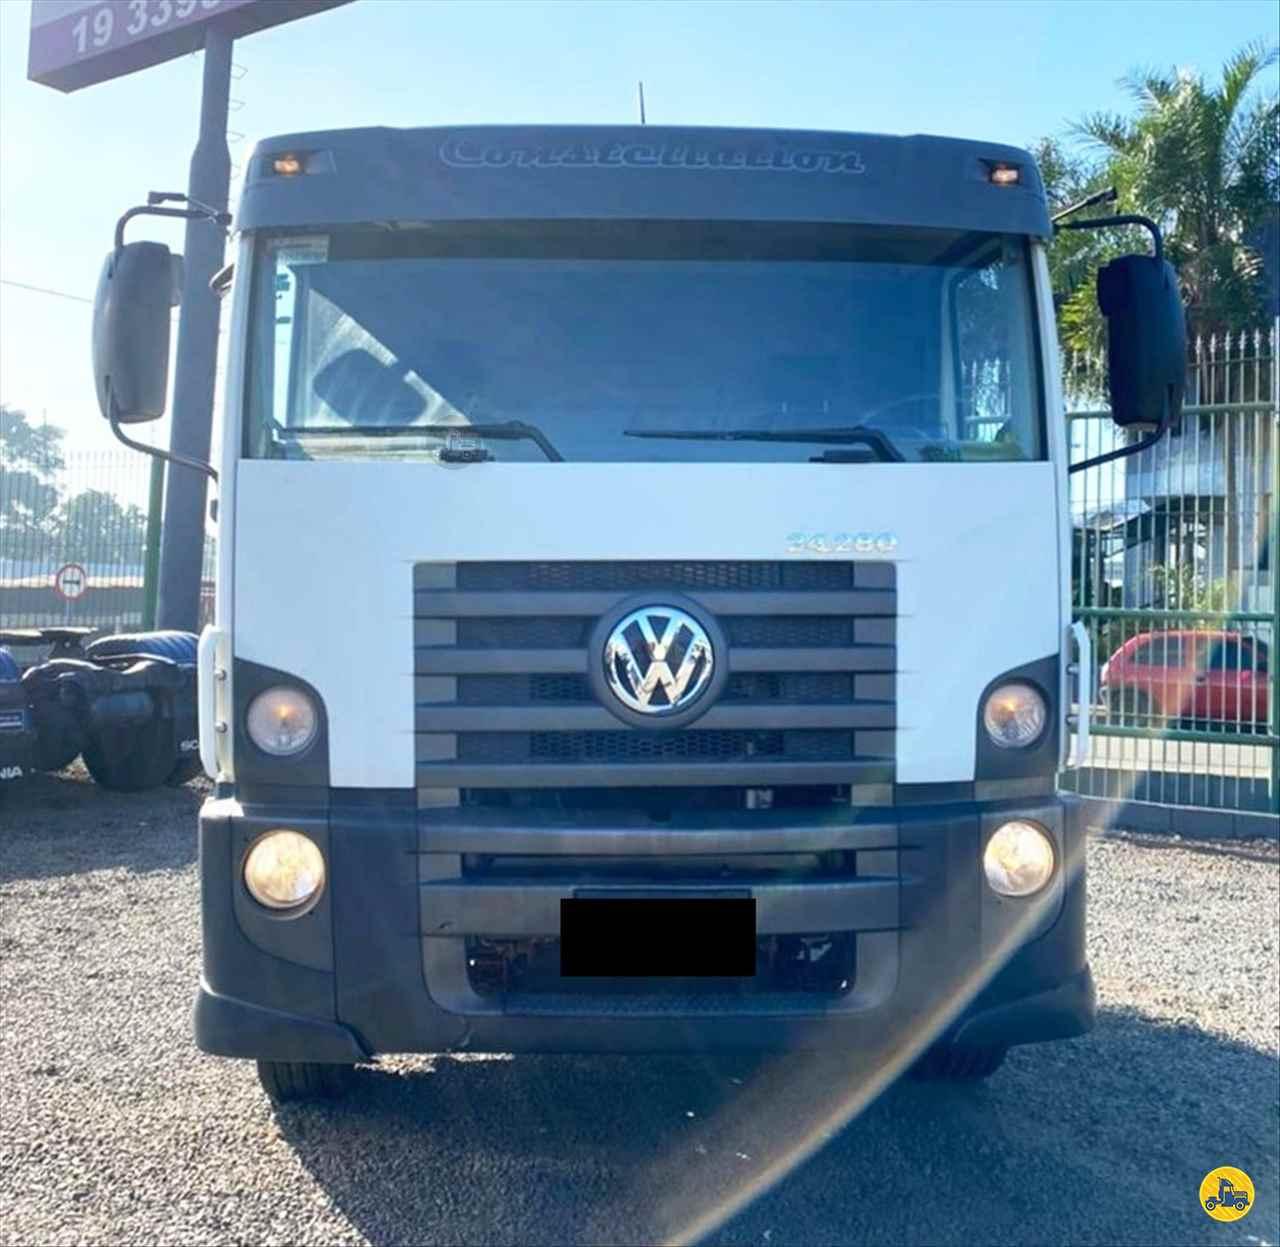 CAMINHAO VOLKSWAGEN VW 24280 Chassis Truck 6x2 Wilson Caminhões RIBEIRAO PIRES SÃO PAULO SP